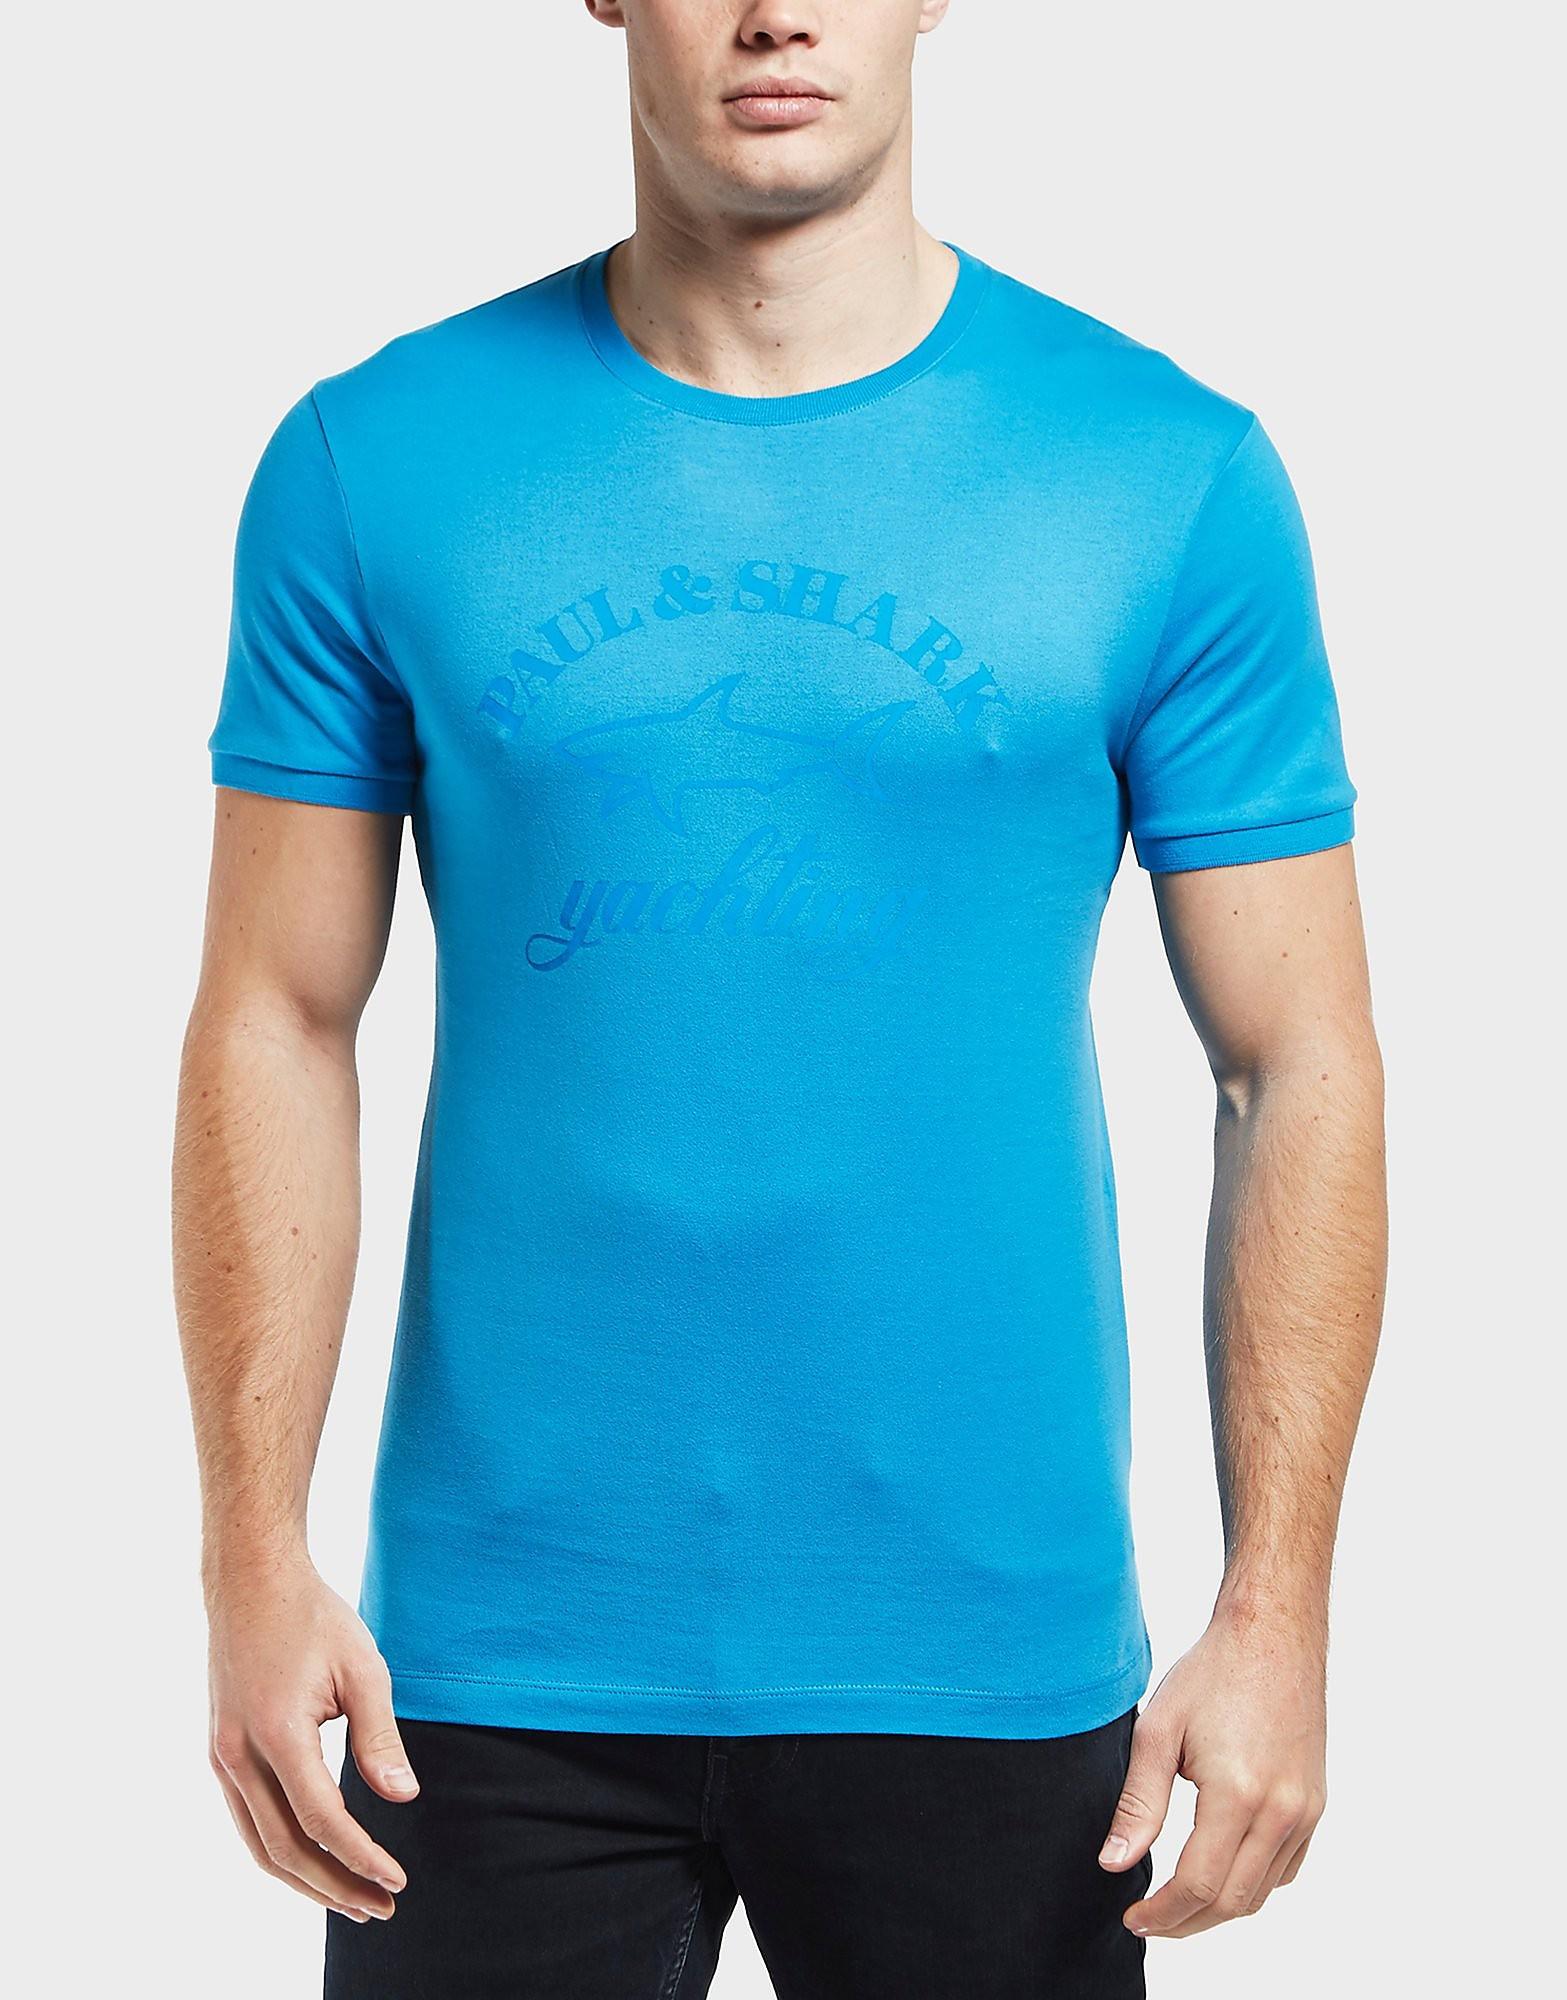 Paul and Shark Tonal Print Short Sleeve T-Shirt